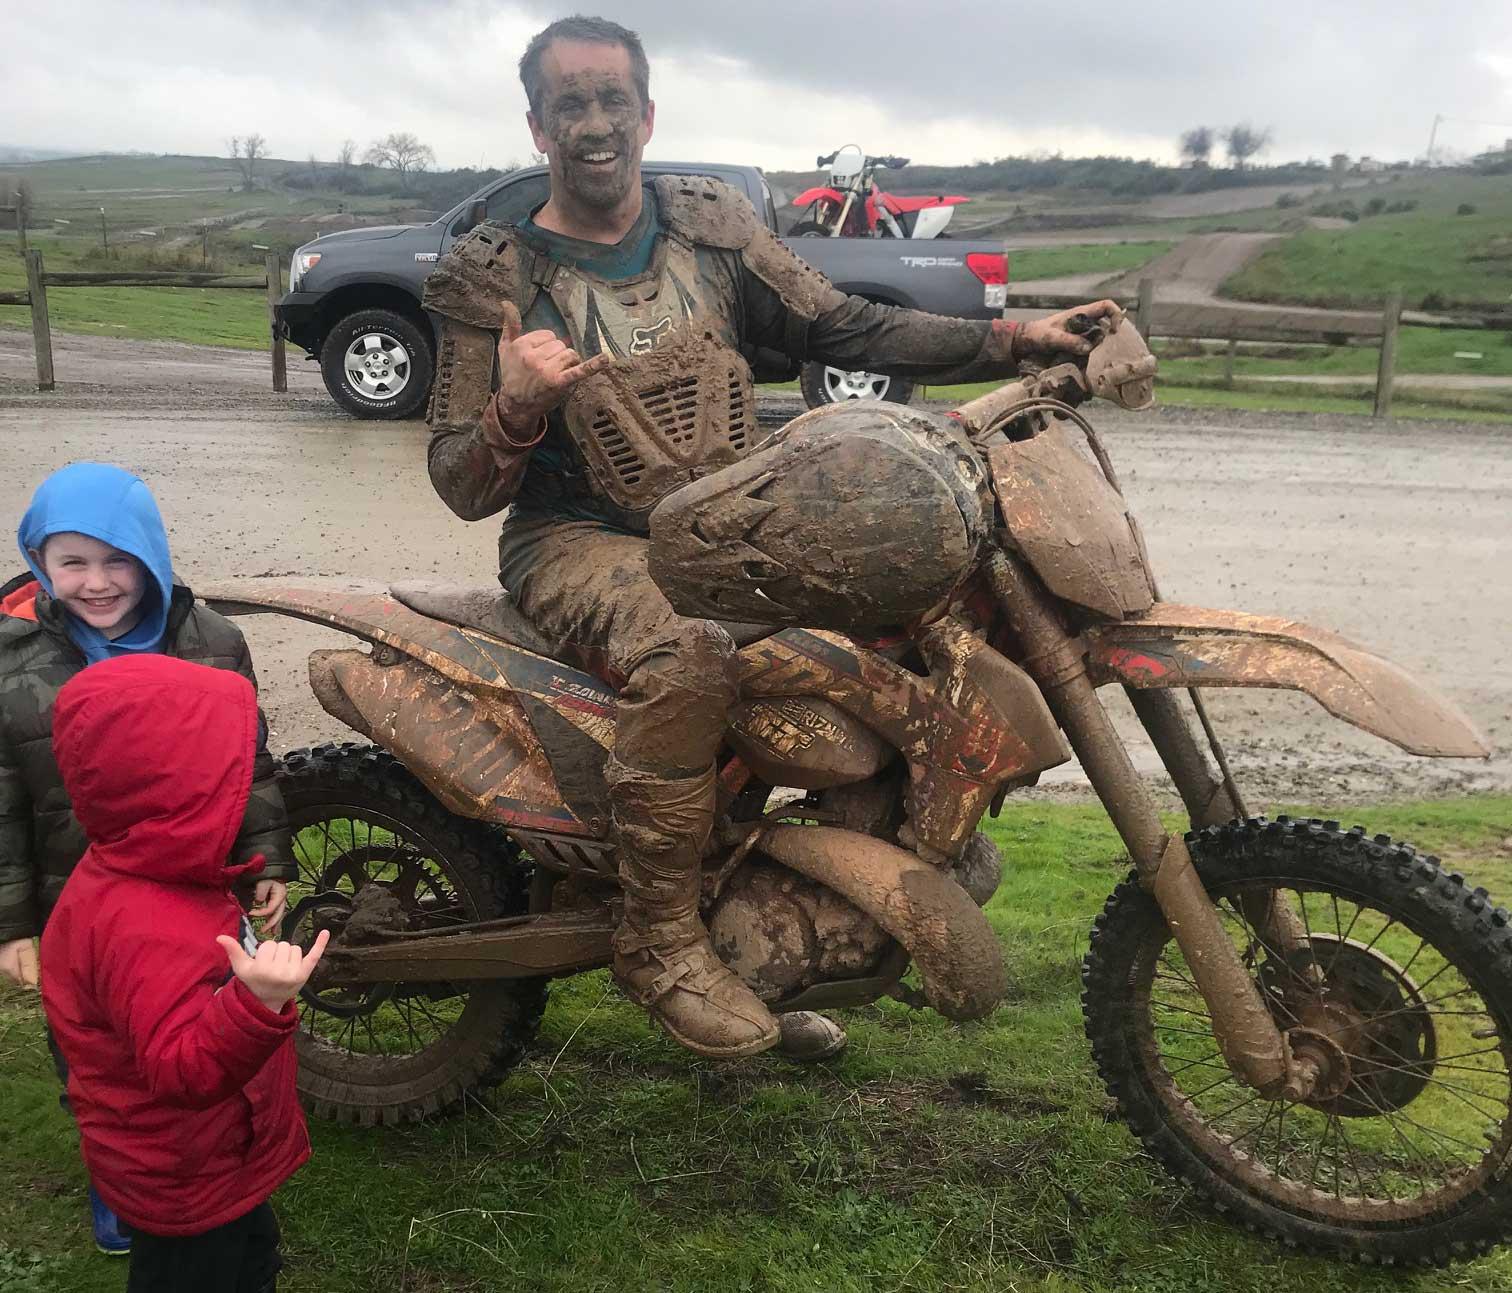 Randy Getting Muddy